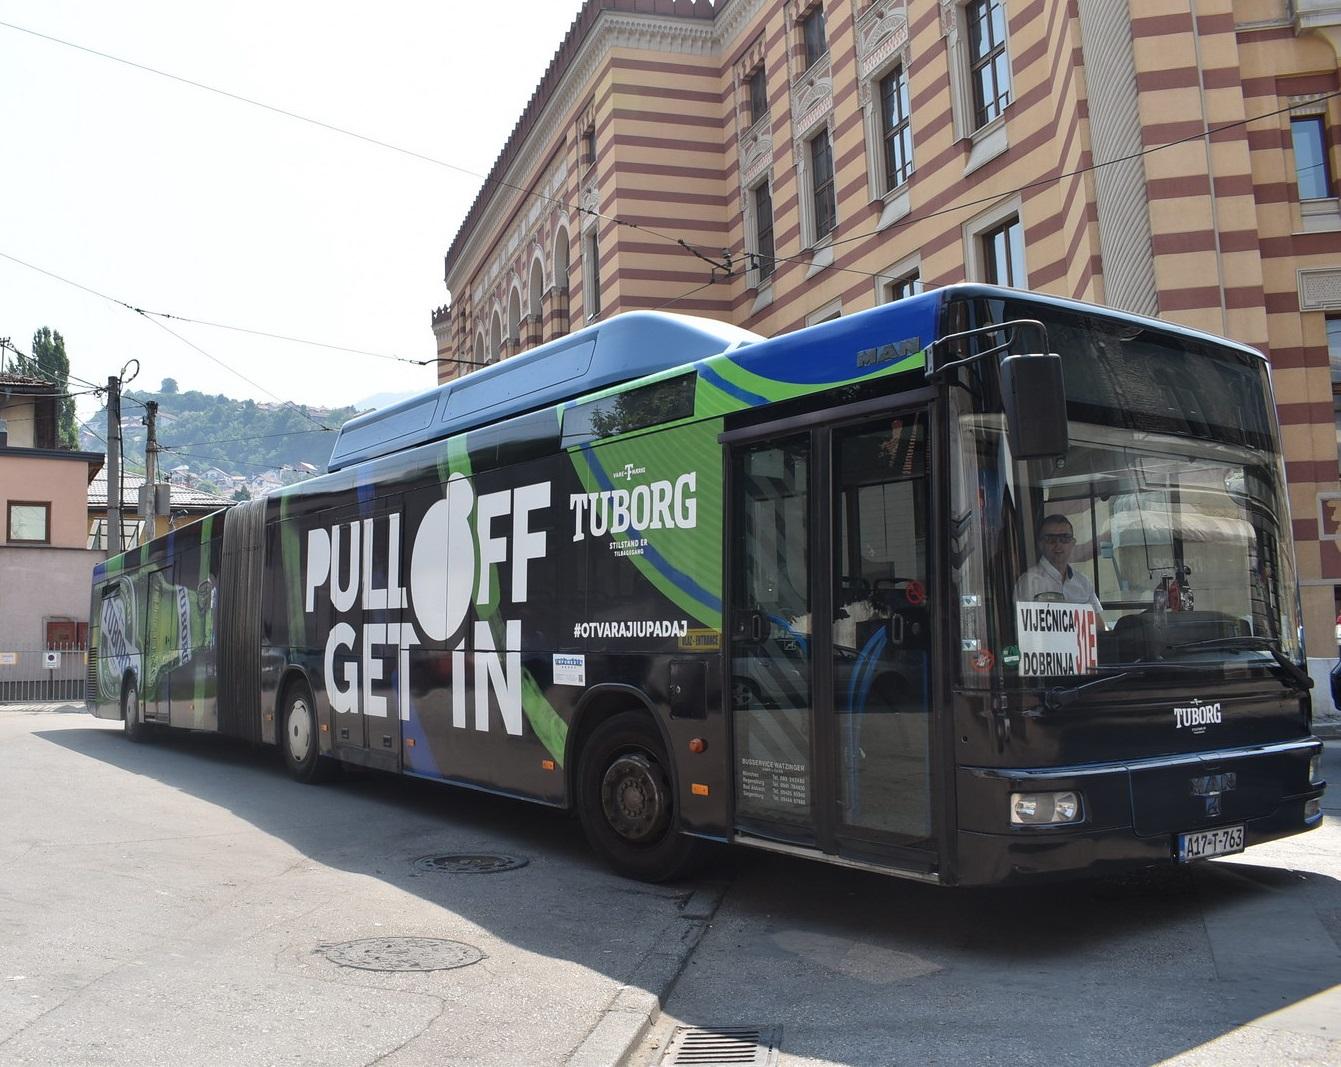 """""""Pull off, get in"""": Sa Tuborg čepom iskoristite besplatnu noćnu vožnju u Sarajevu"""